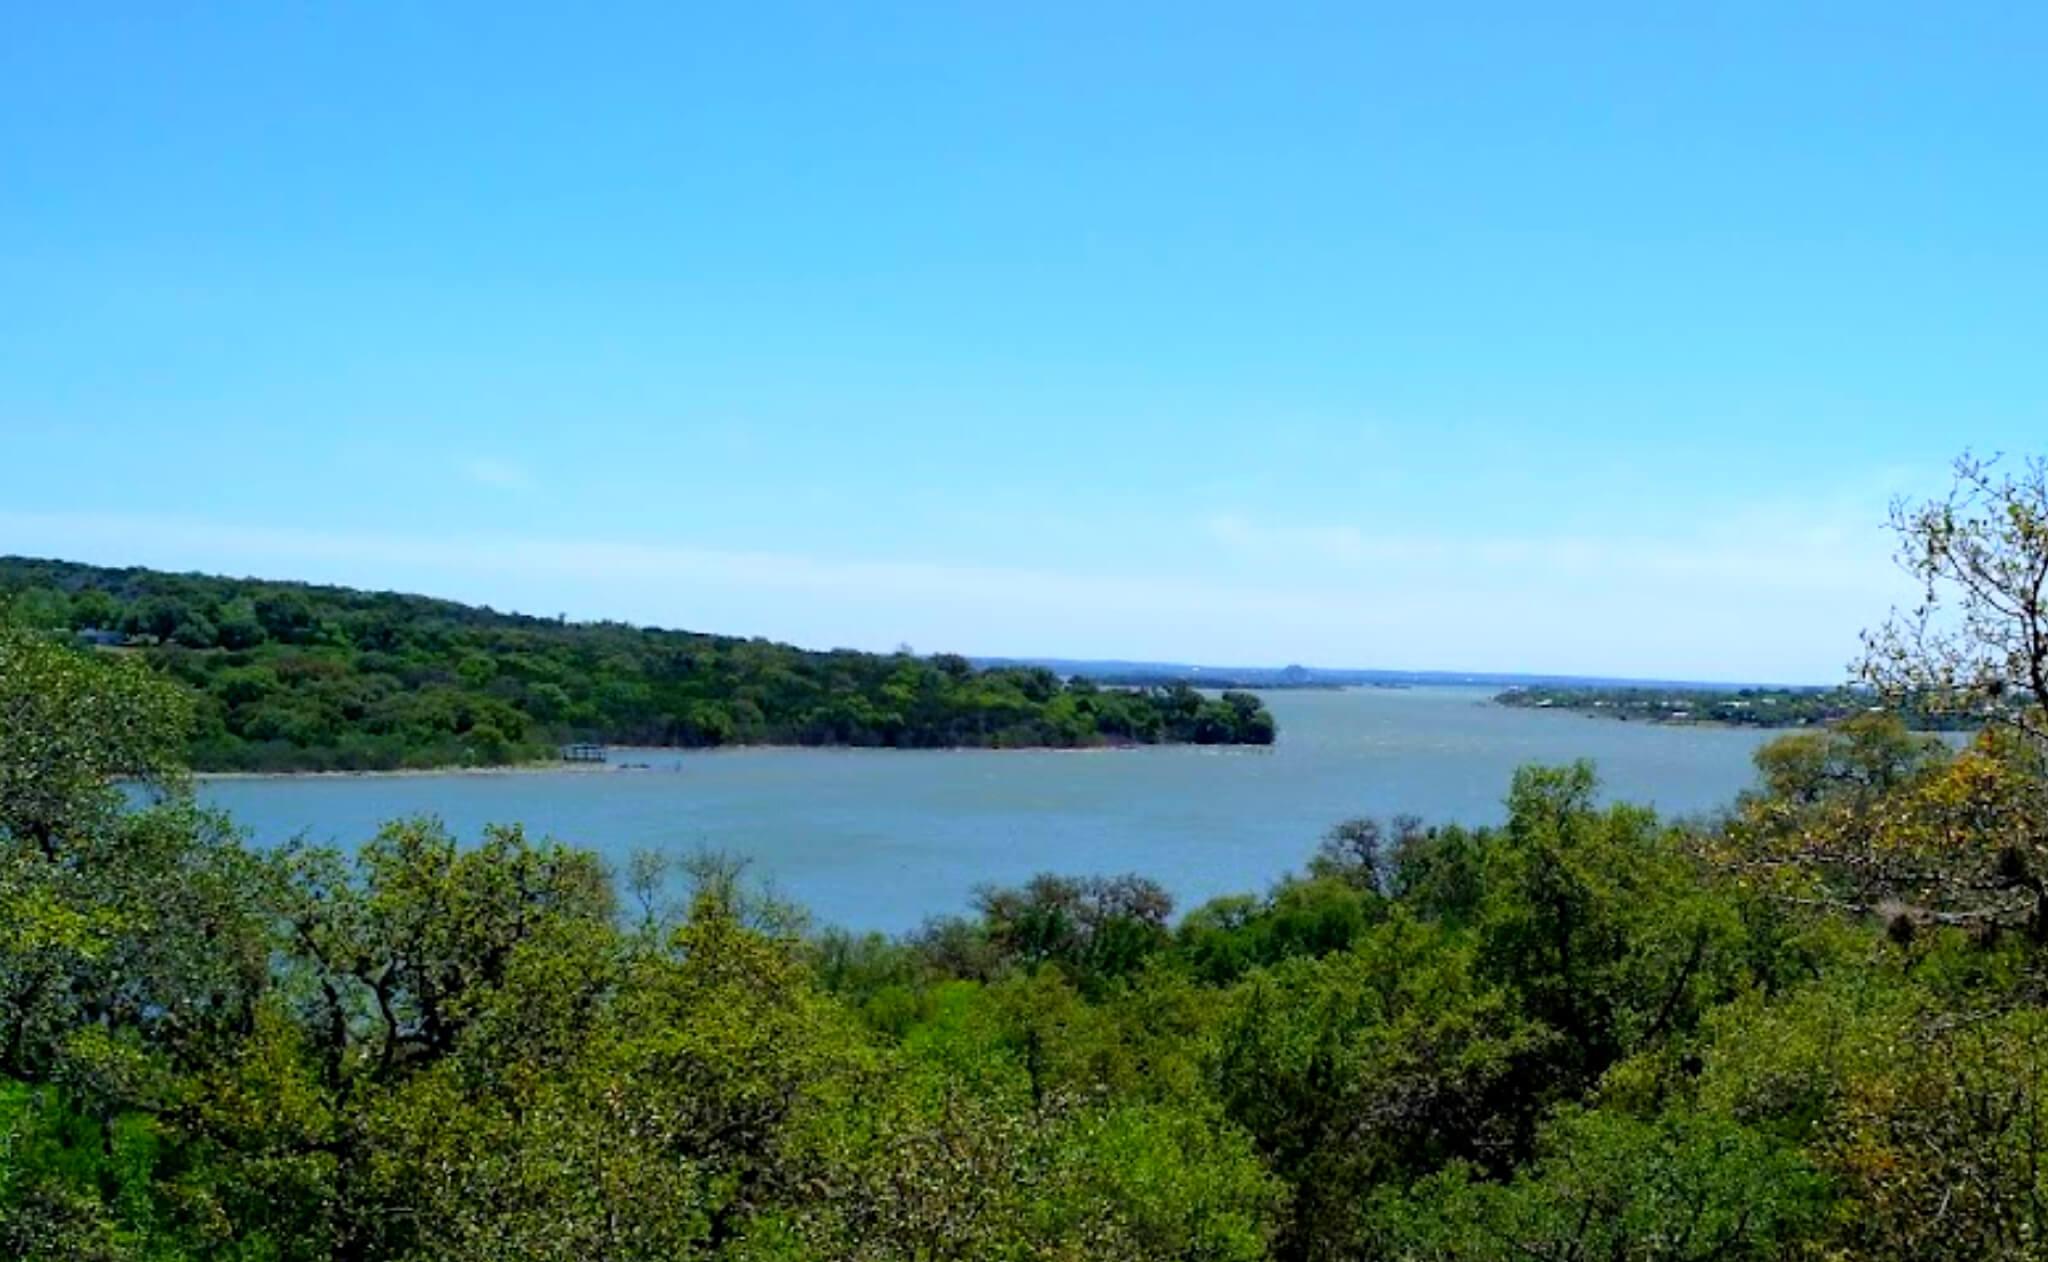 Buchanan-Lake-Fishing-Report-Guide-Texas-TX-05